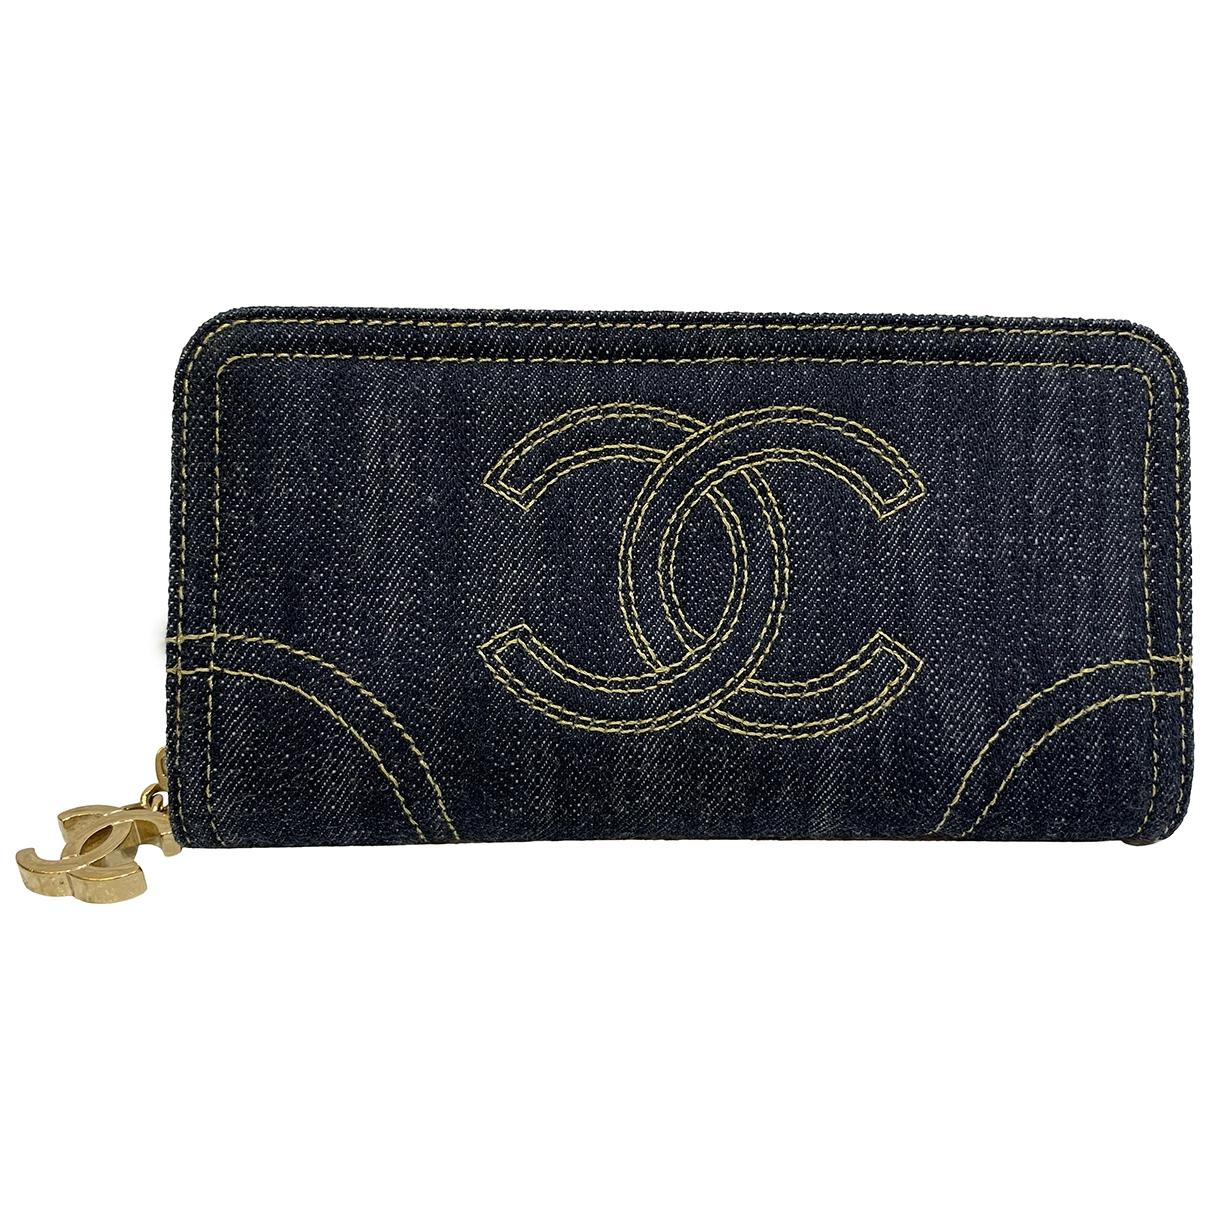 Chanel - Portefeuille   pour femme en denim - marine